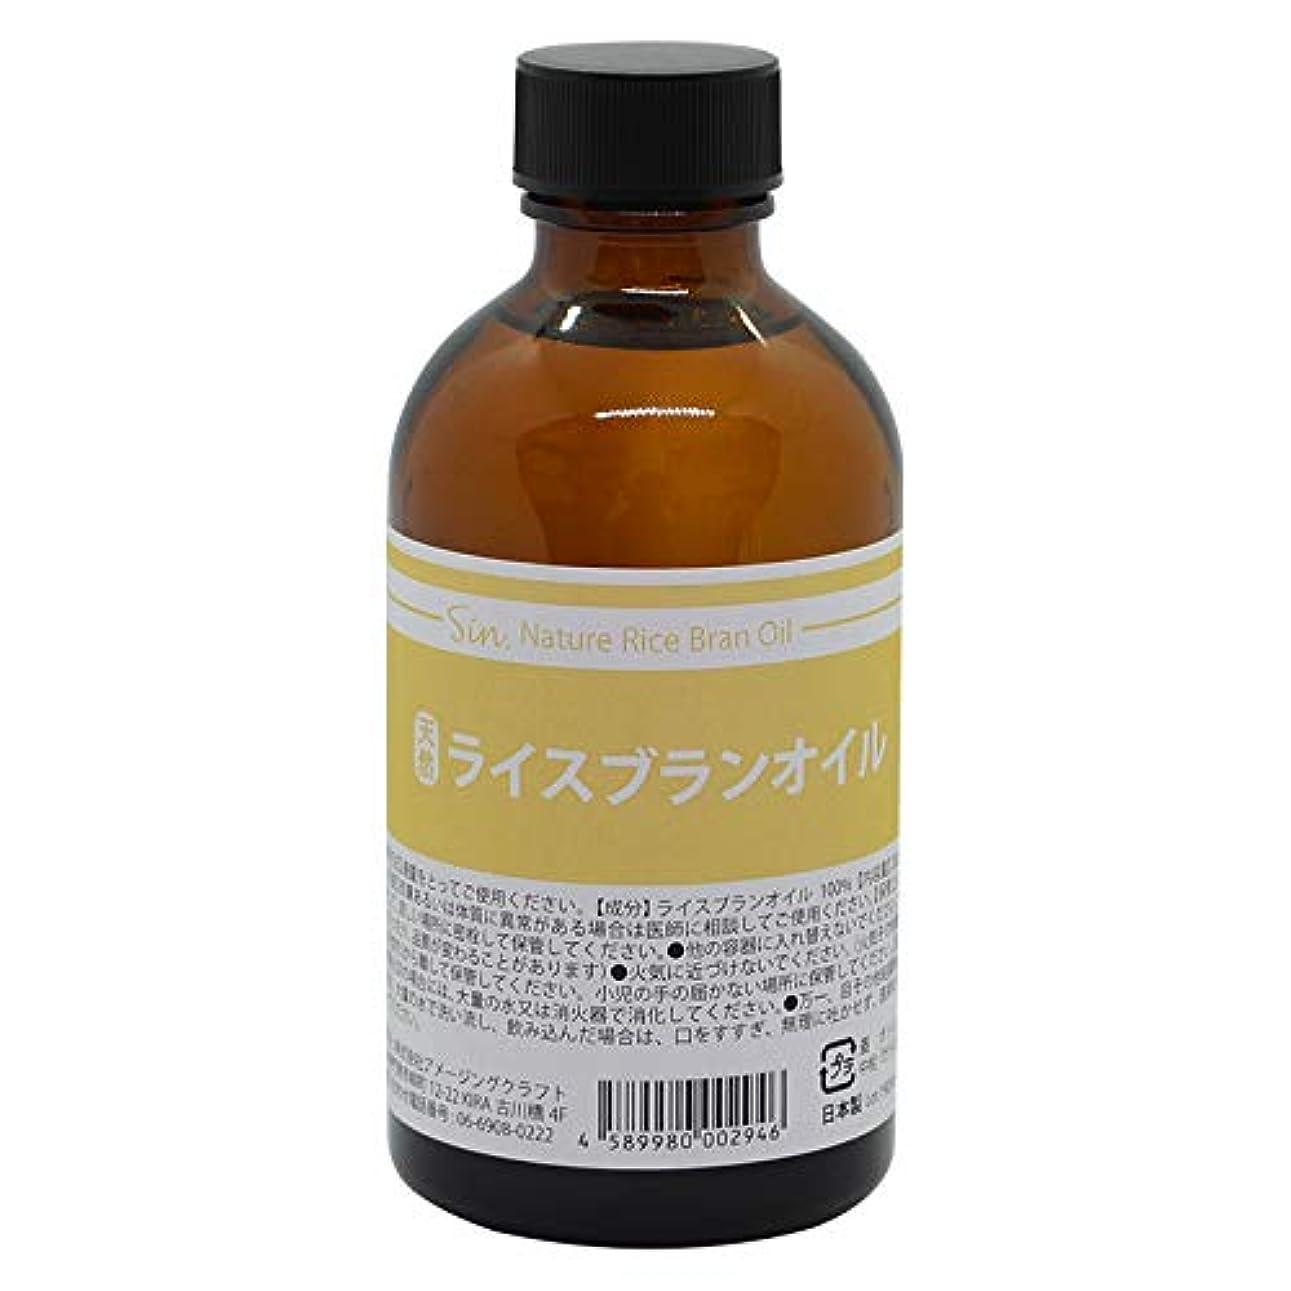 国内精製 ライスオイル 200ml ライスブランオイル キャリアオイル